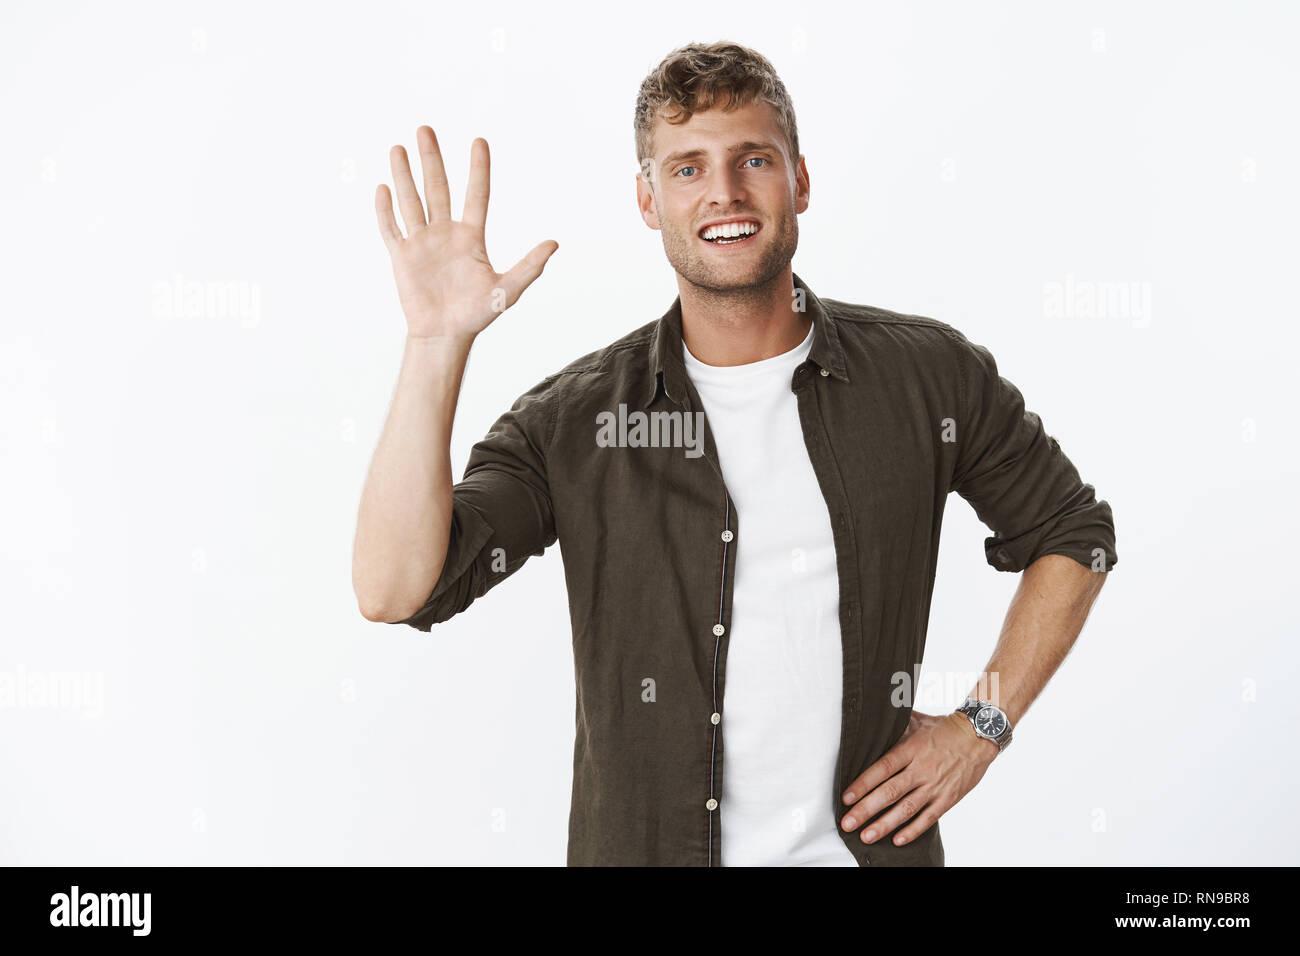 Entspannt und sorglos freundliche junge männliche Sportler Palm heben als geben hohe Fünf- oder Hallo, Gruß mit Hi Geste und Happy Stockbild